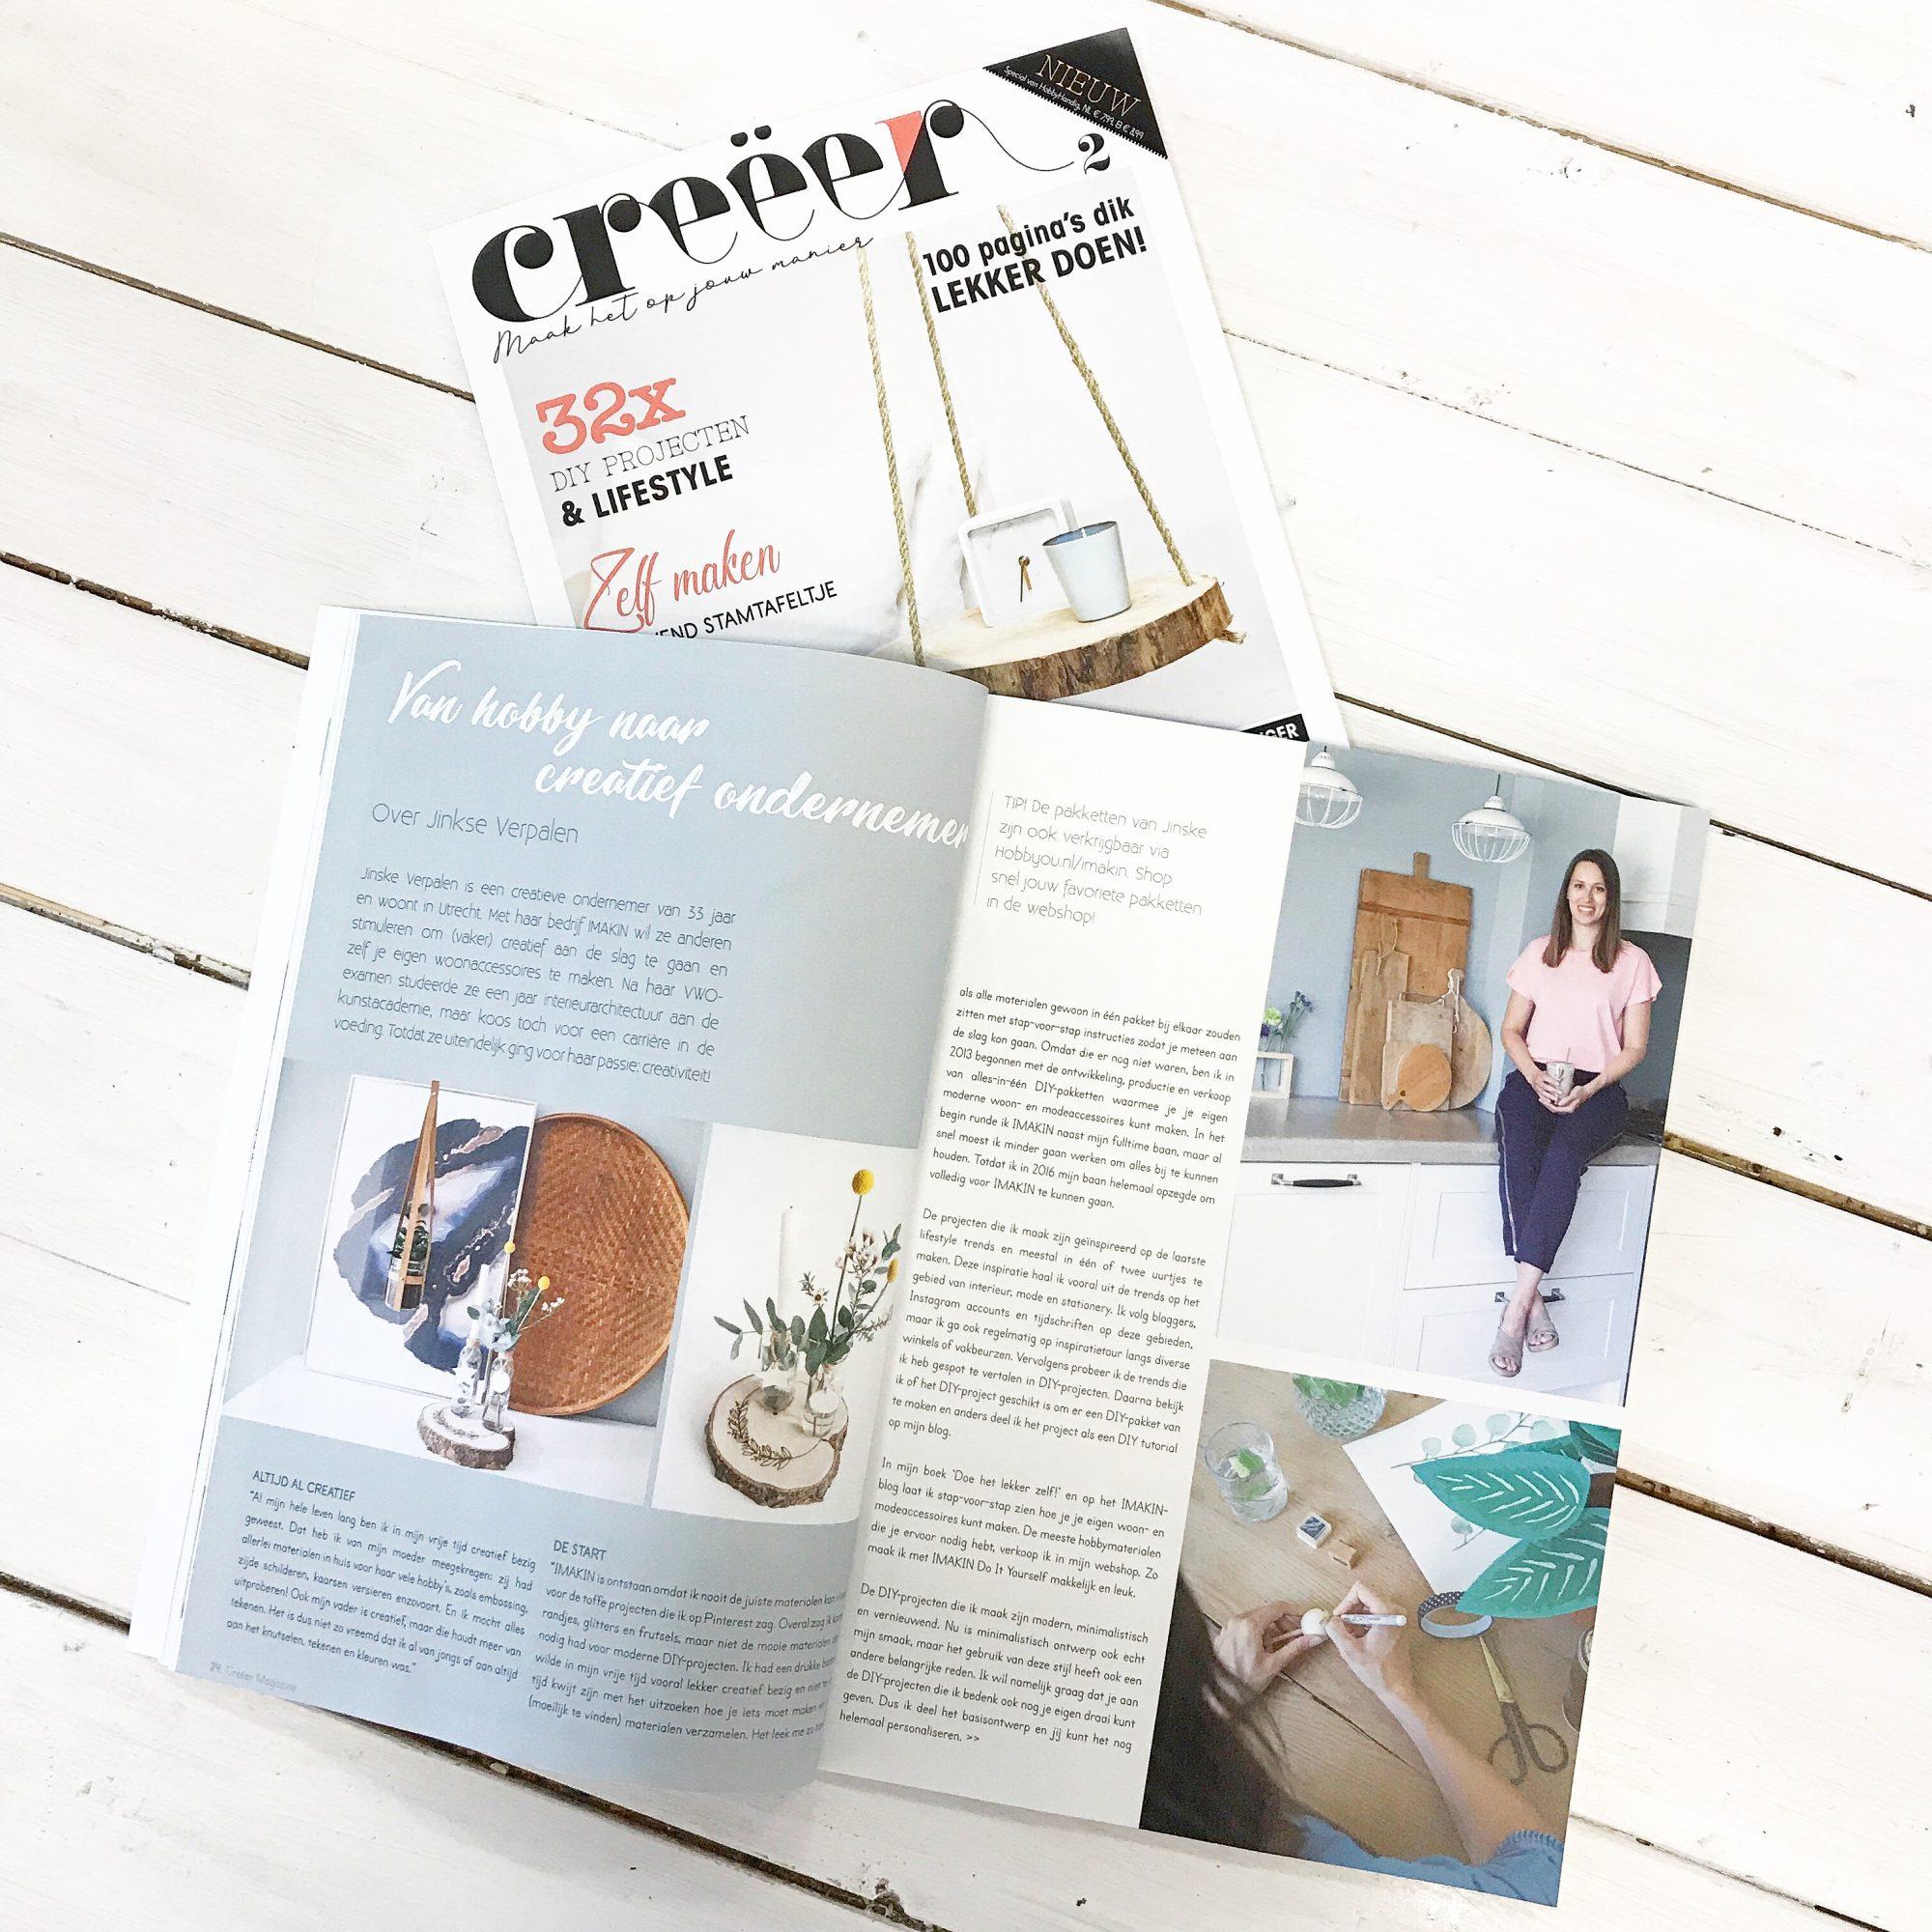 creeer magazine 2 imakin interview